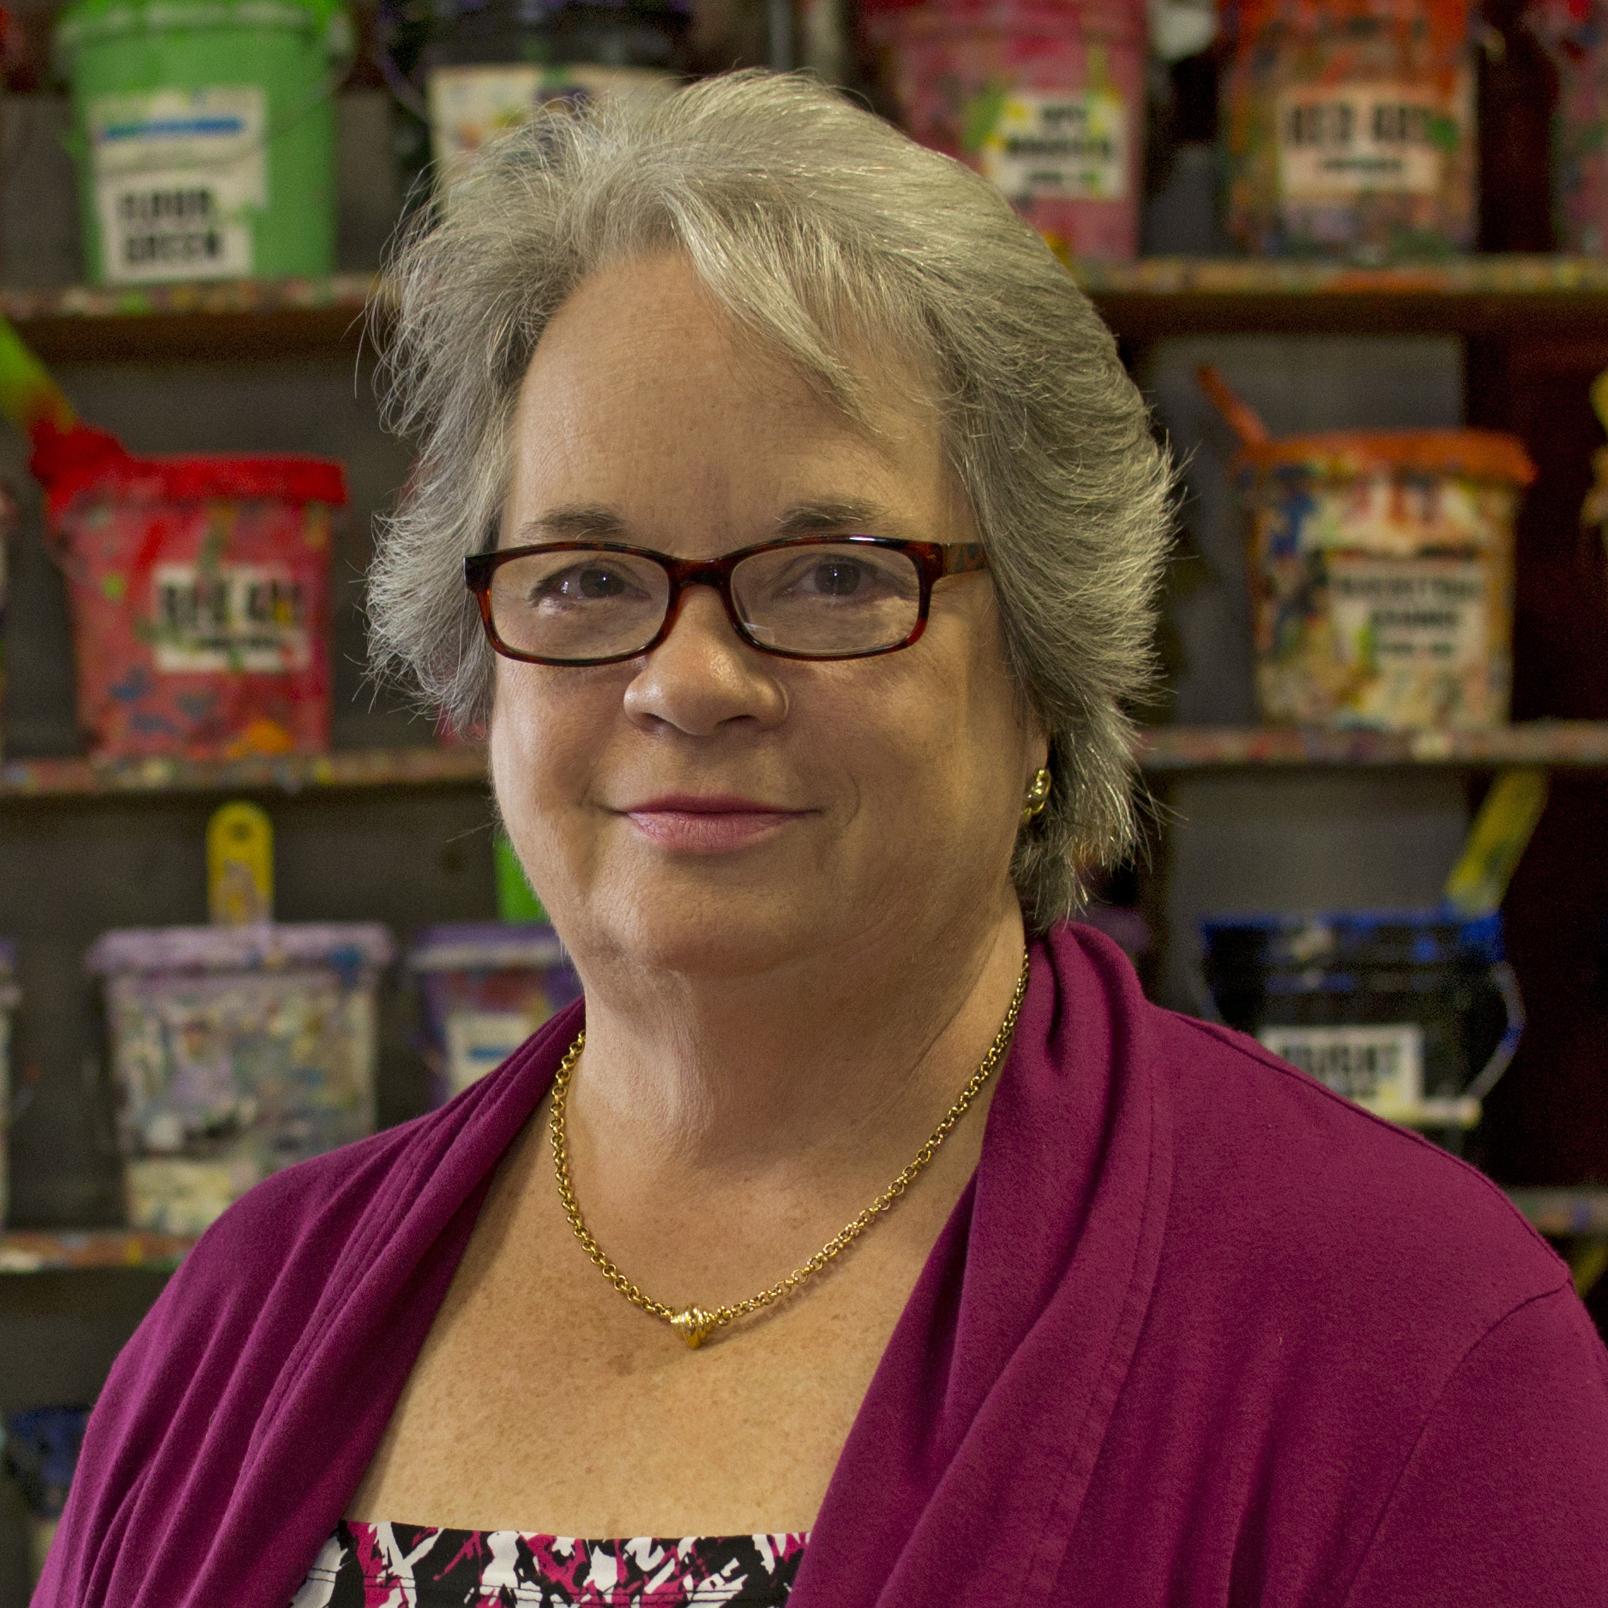 Renita Boyle